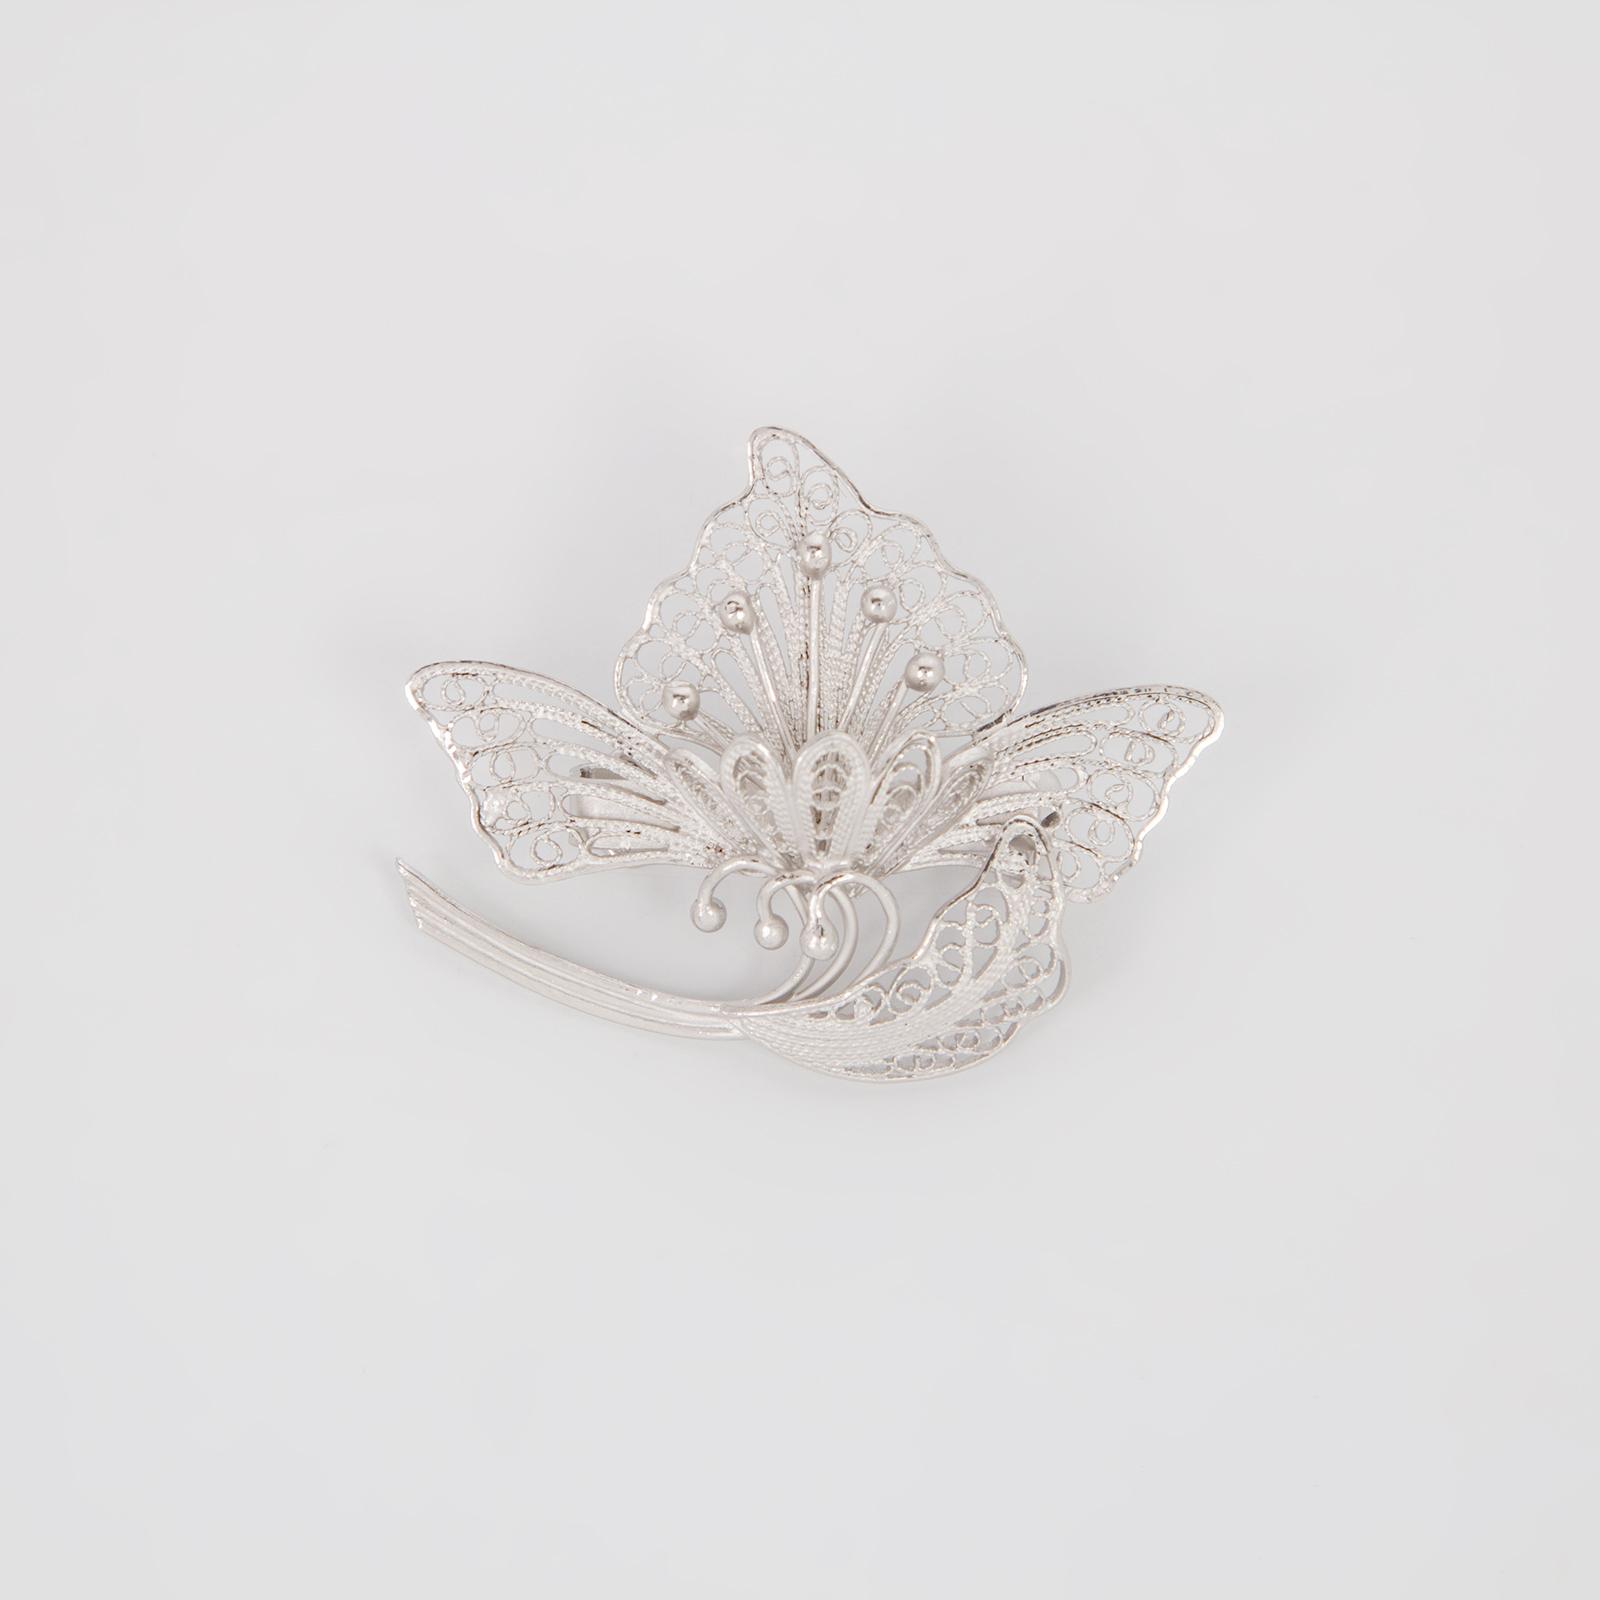 Серебряная брошь «Императорский стиль»